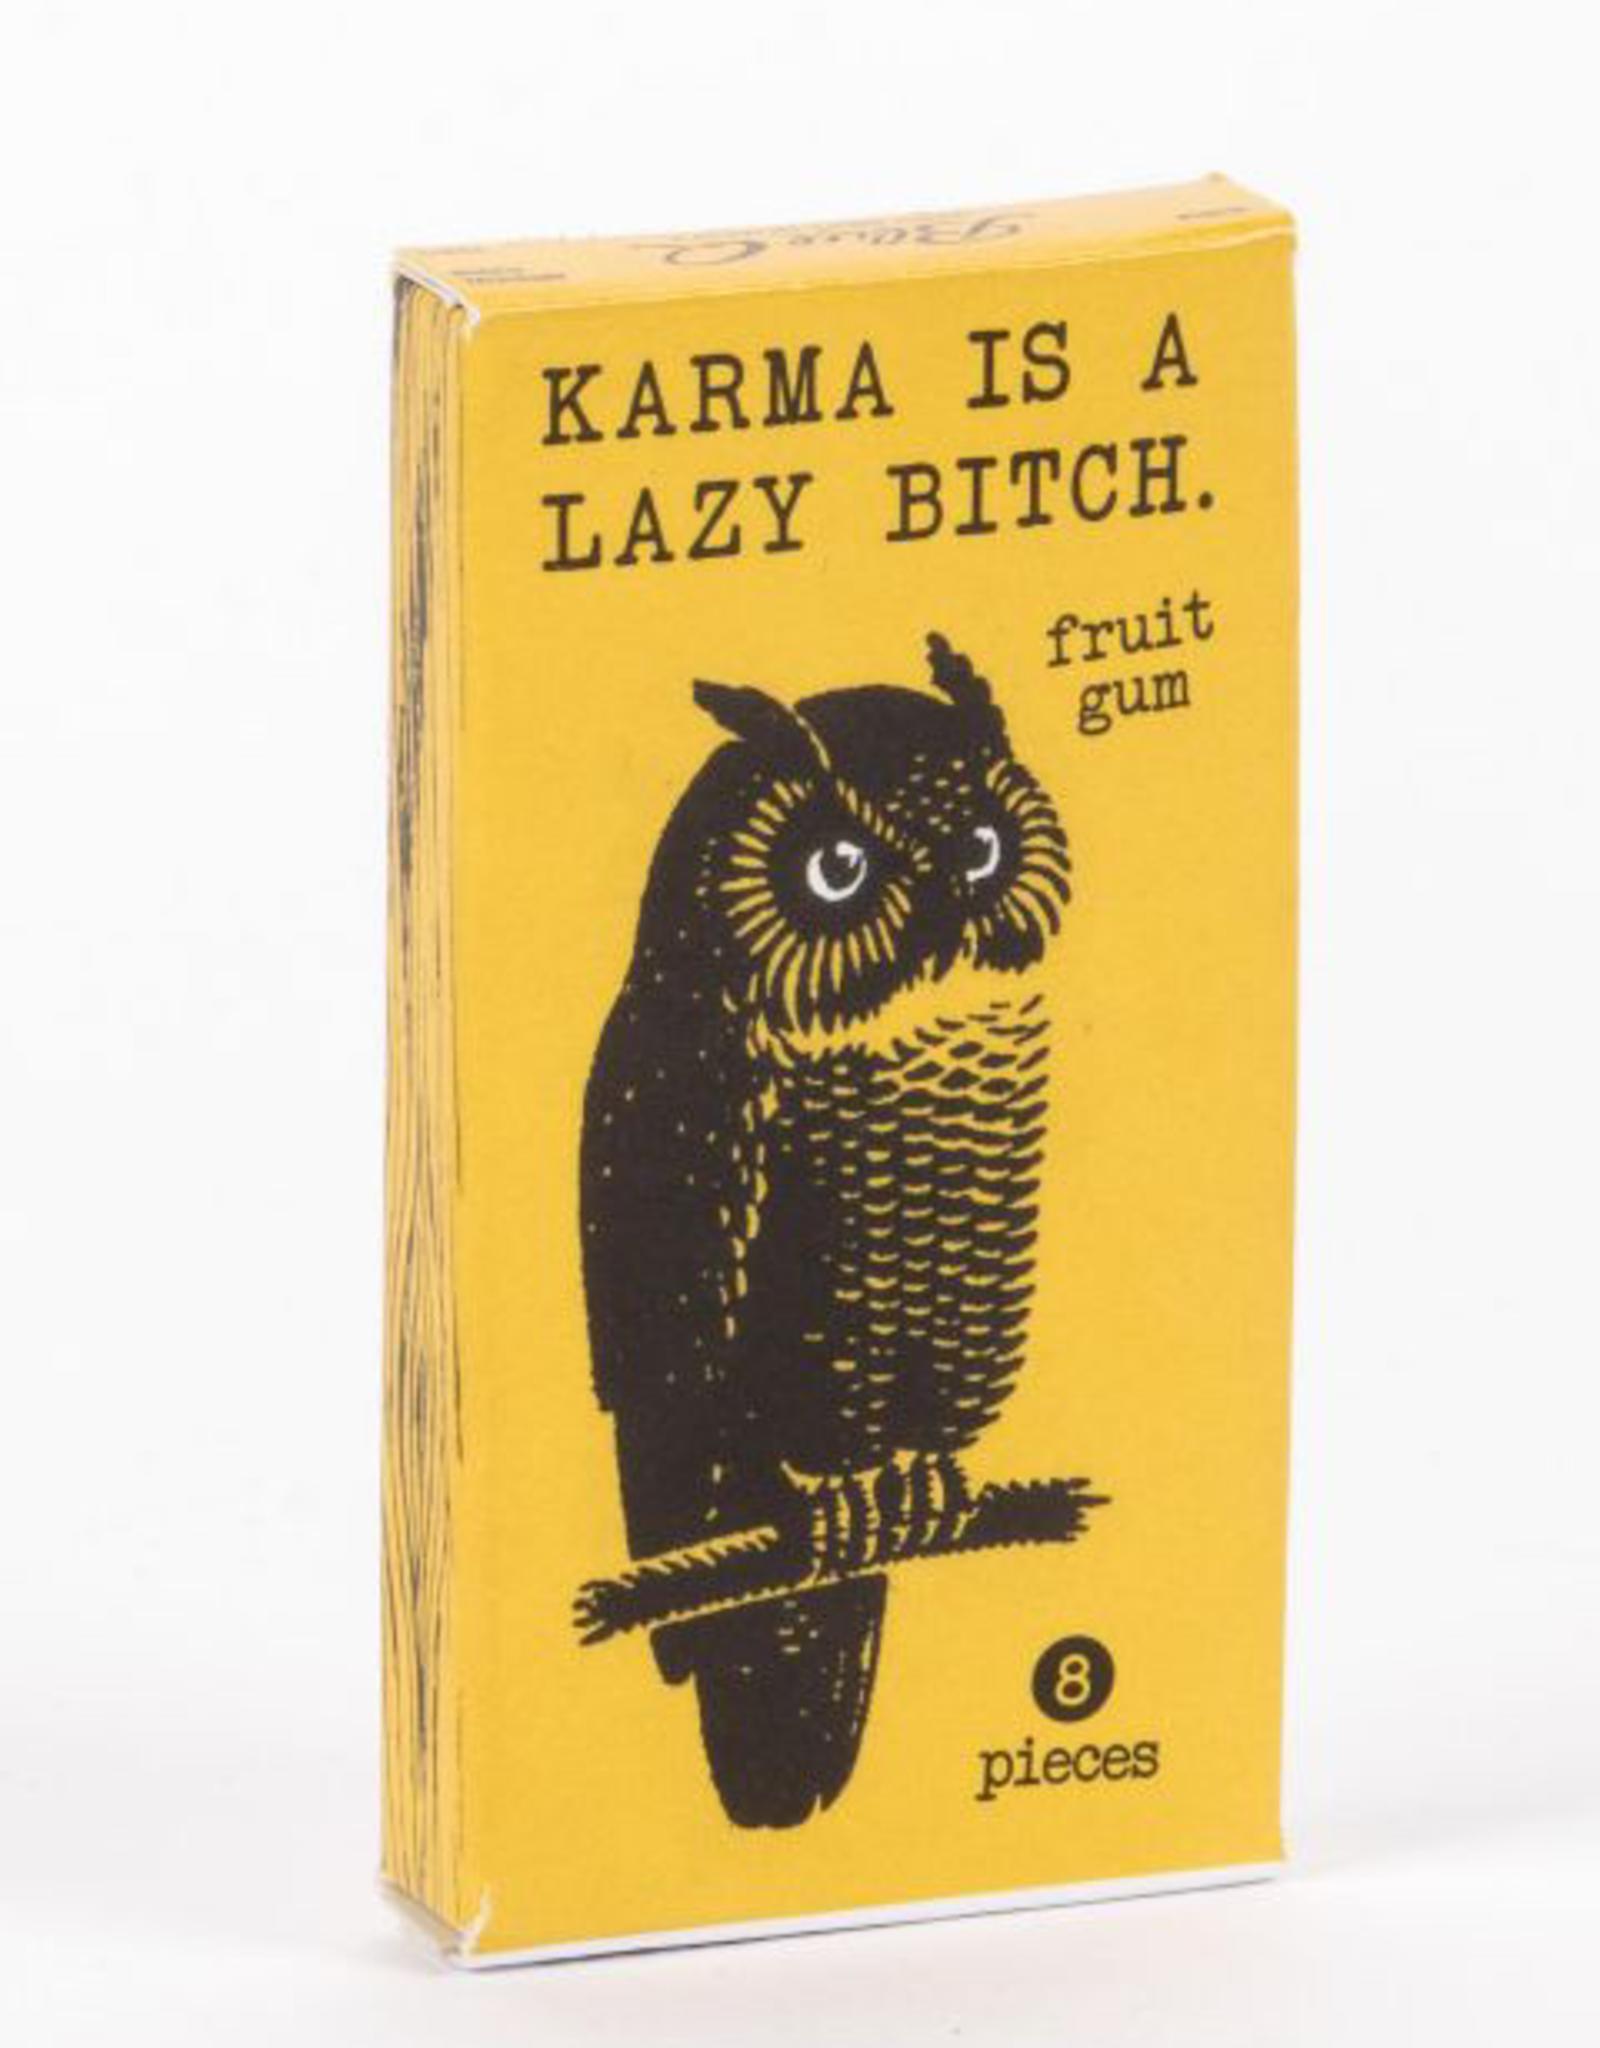 Gum - Karma Is A Bitch